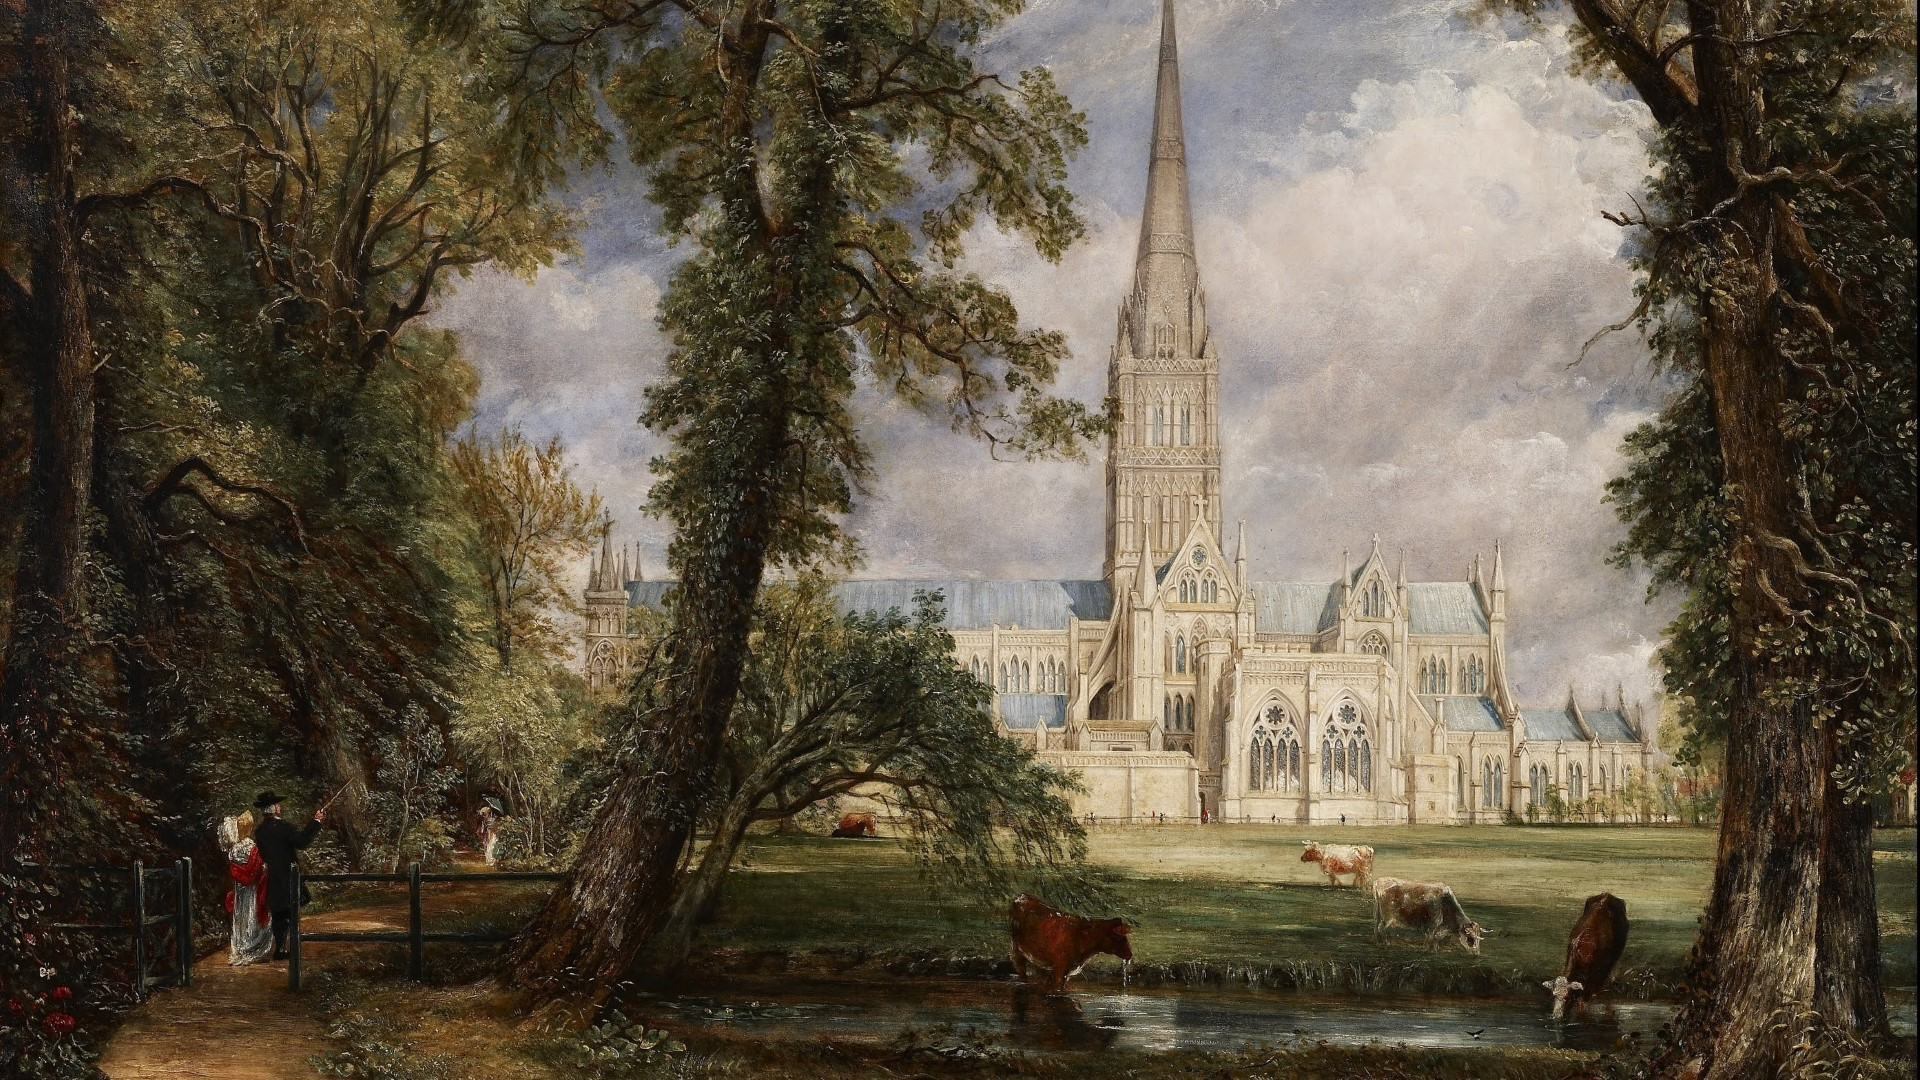 Сельская жизнь на картинах Джона Констебла